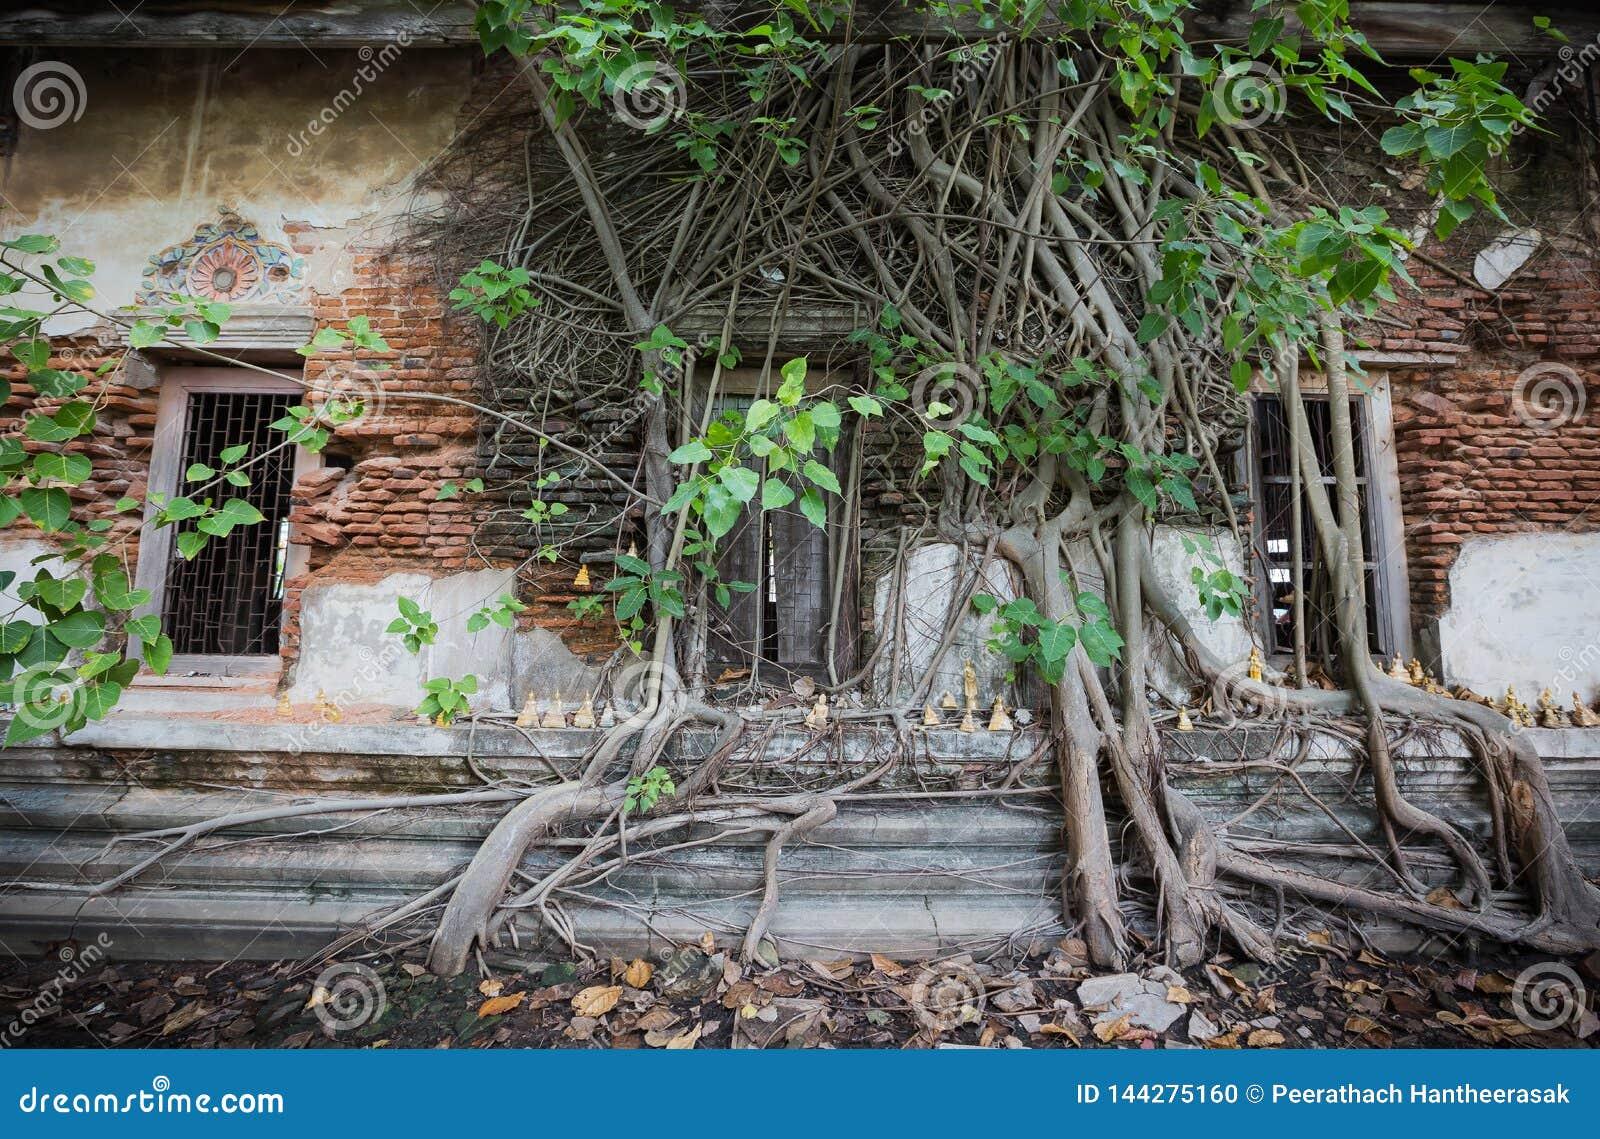 Dilapidated church in Wat Rat Bamrung Wat Ngon Kai - Samut Sakhon, Thailand